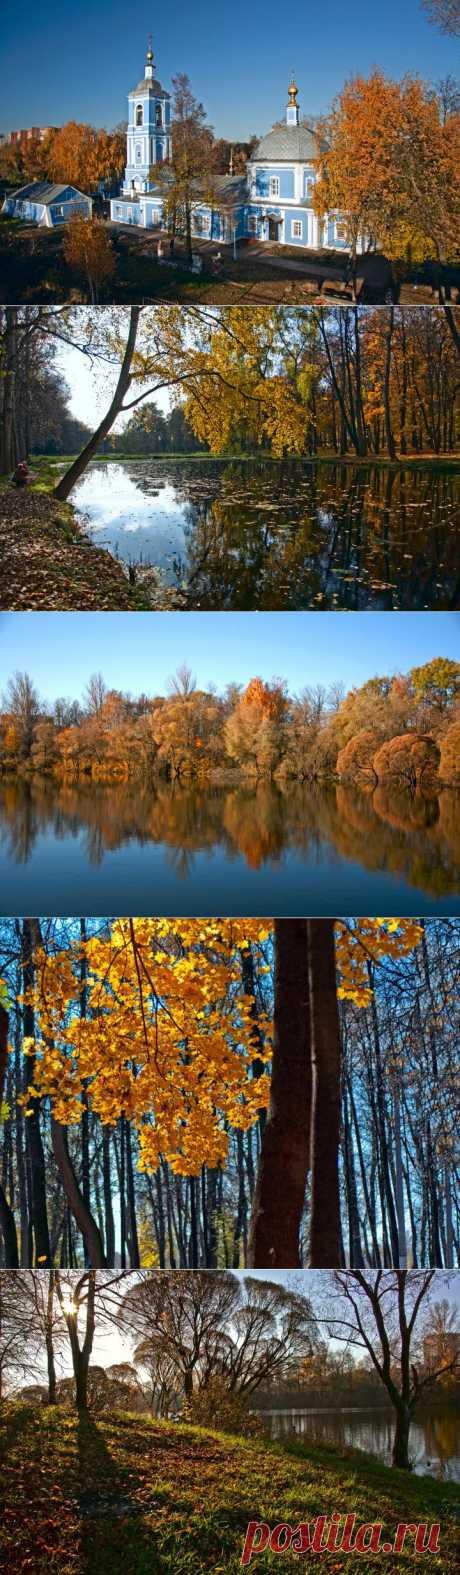 (+1) тема - Осень. Сказочный чертог | Фотоискусство